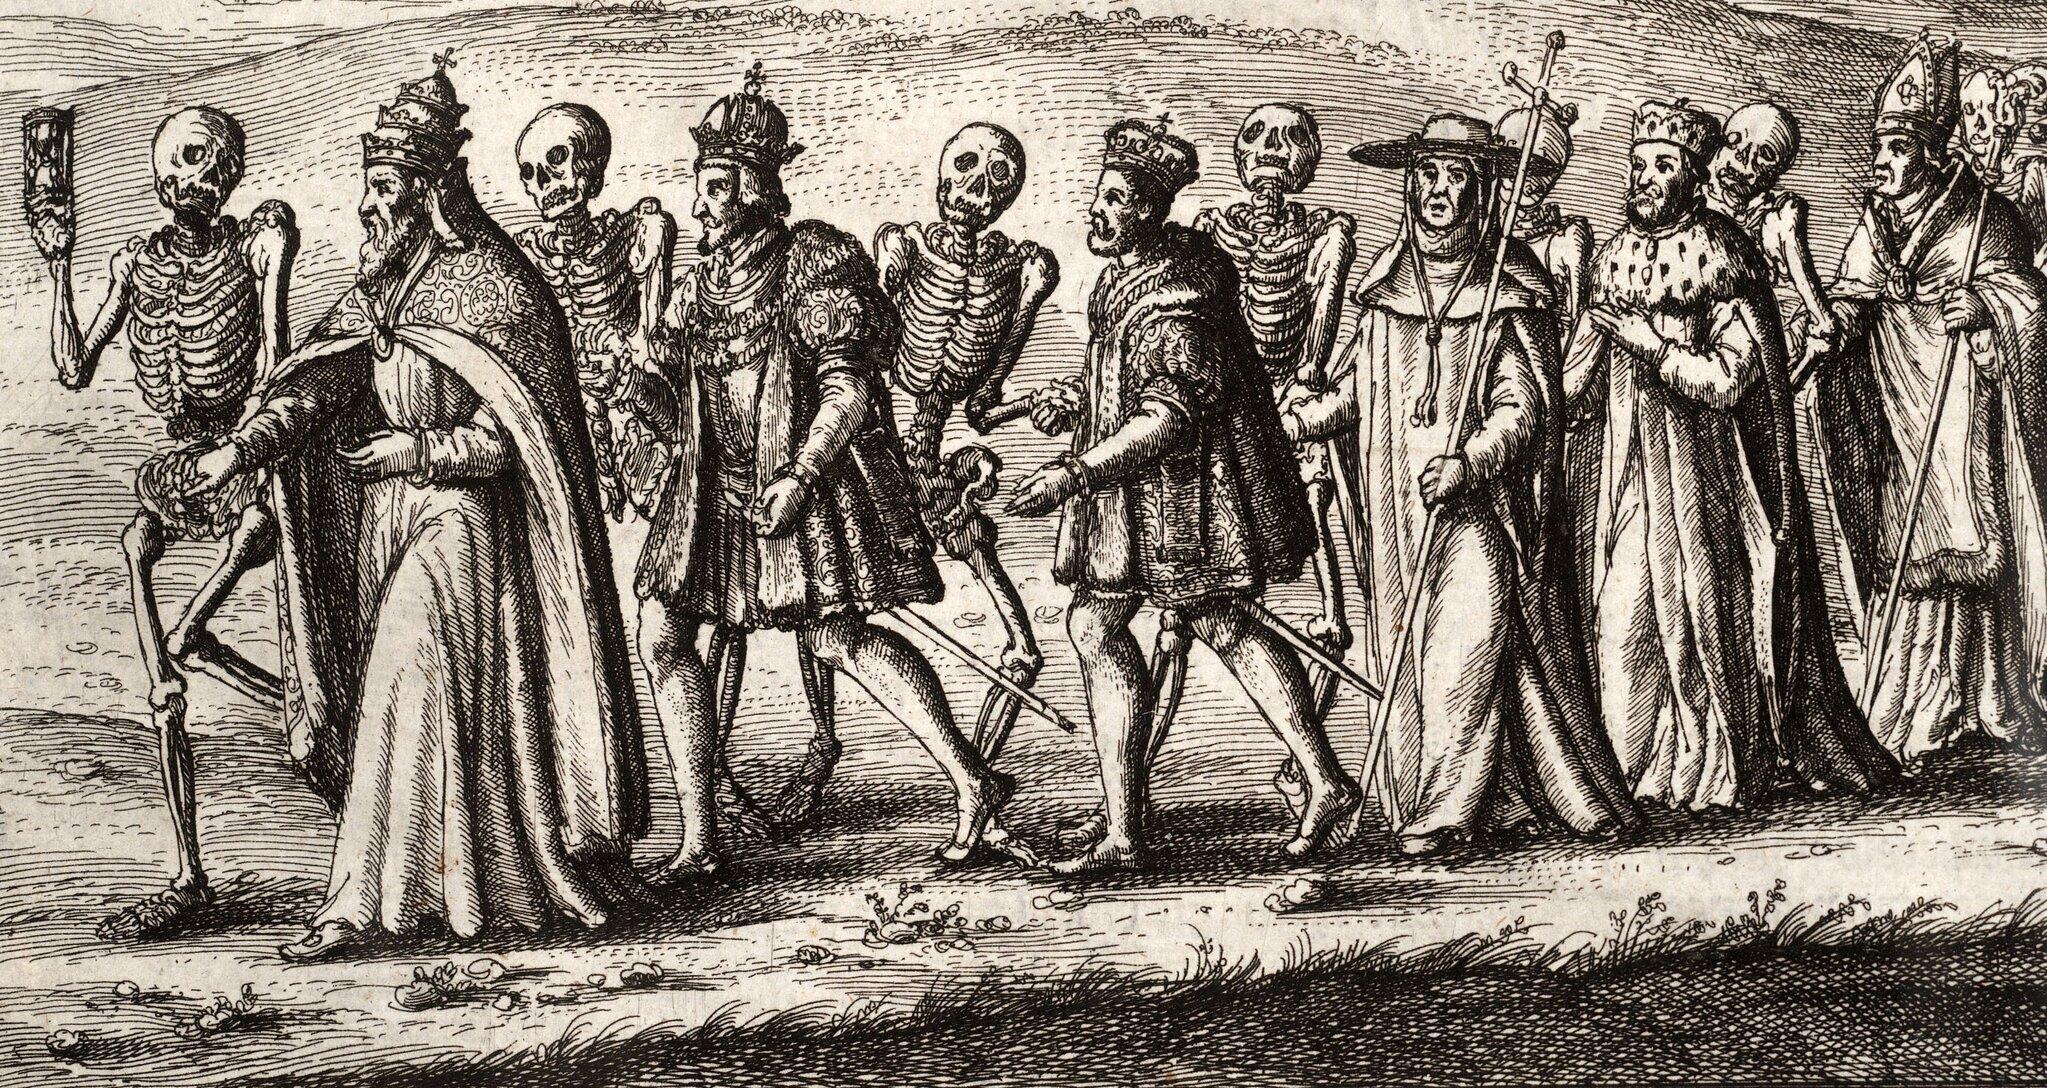 Pochód tańca śmierci Źródło: Wenceslas Hollar, Pochód tańca śmierci, Thomas Fisher Rare Book Library, Toronto, domena publiczna.